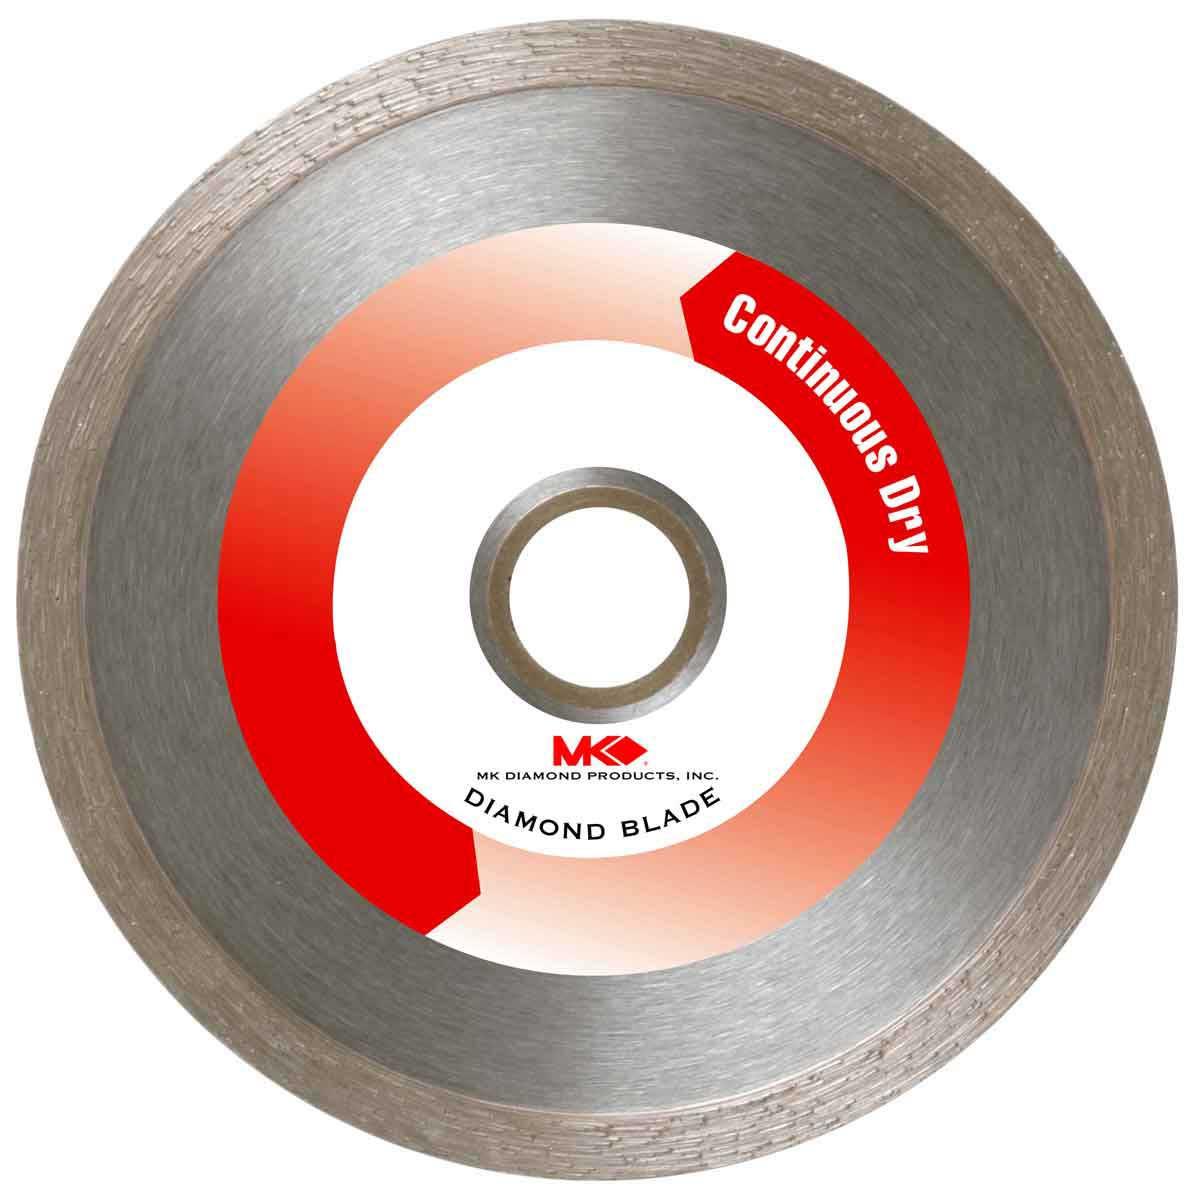 mk-304cr dry cutting blade